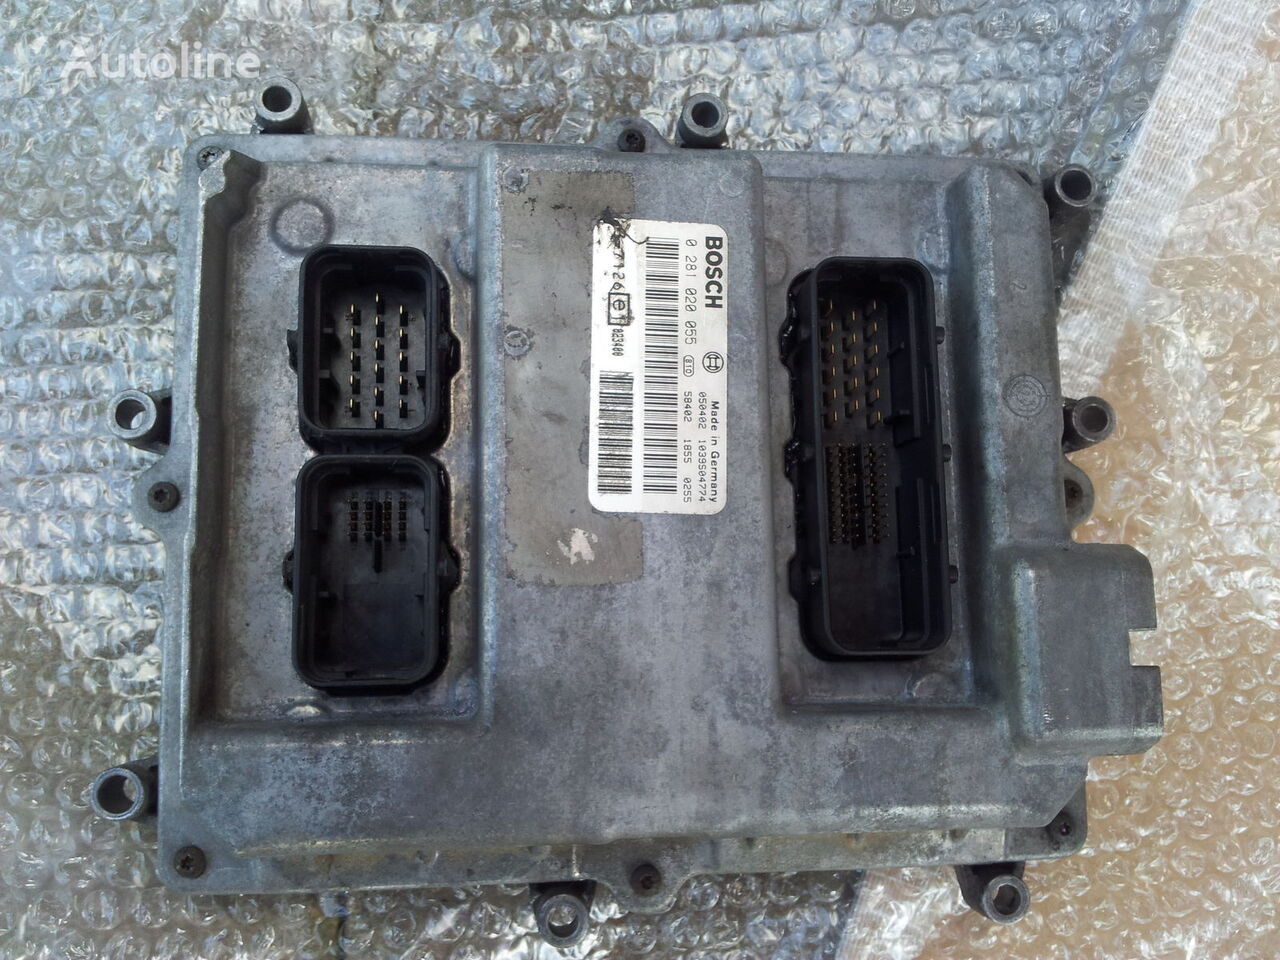 MAN Common Rail EDC, ECU electronic diesel control 0281020055, D2066LF01, 51258037126, 51258337169, 51258037127, 51258337168 boîte de commande pour MAN TGA tracteur routier